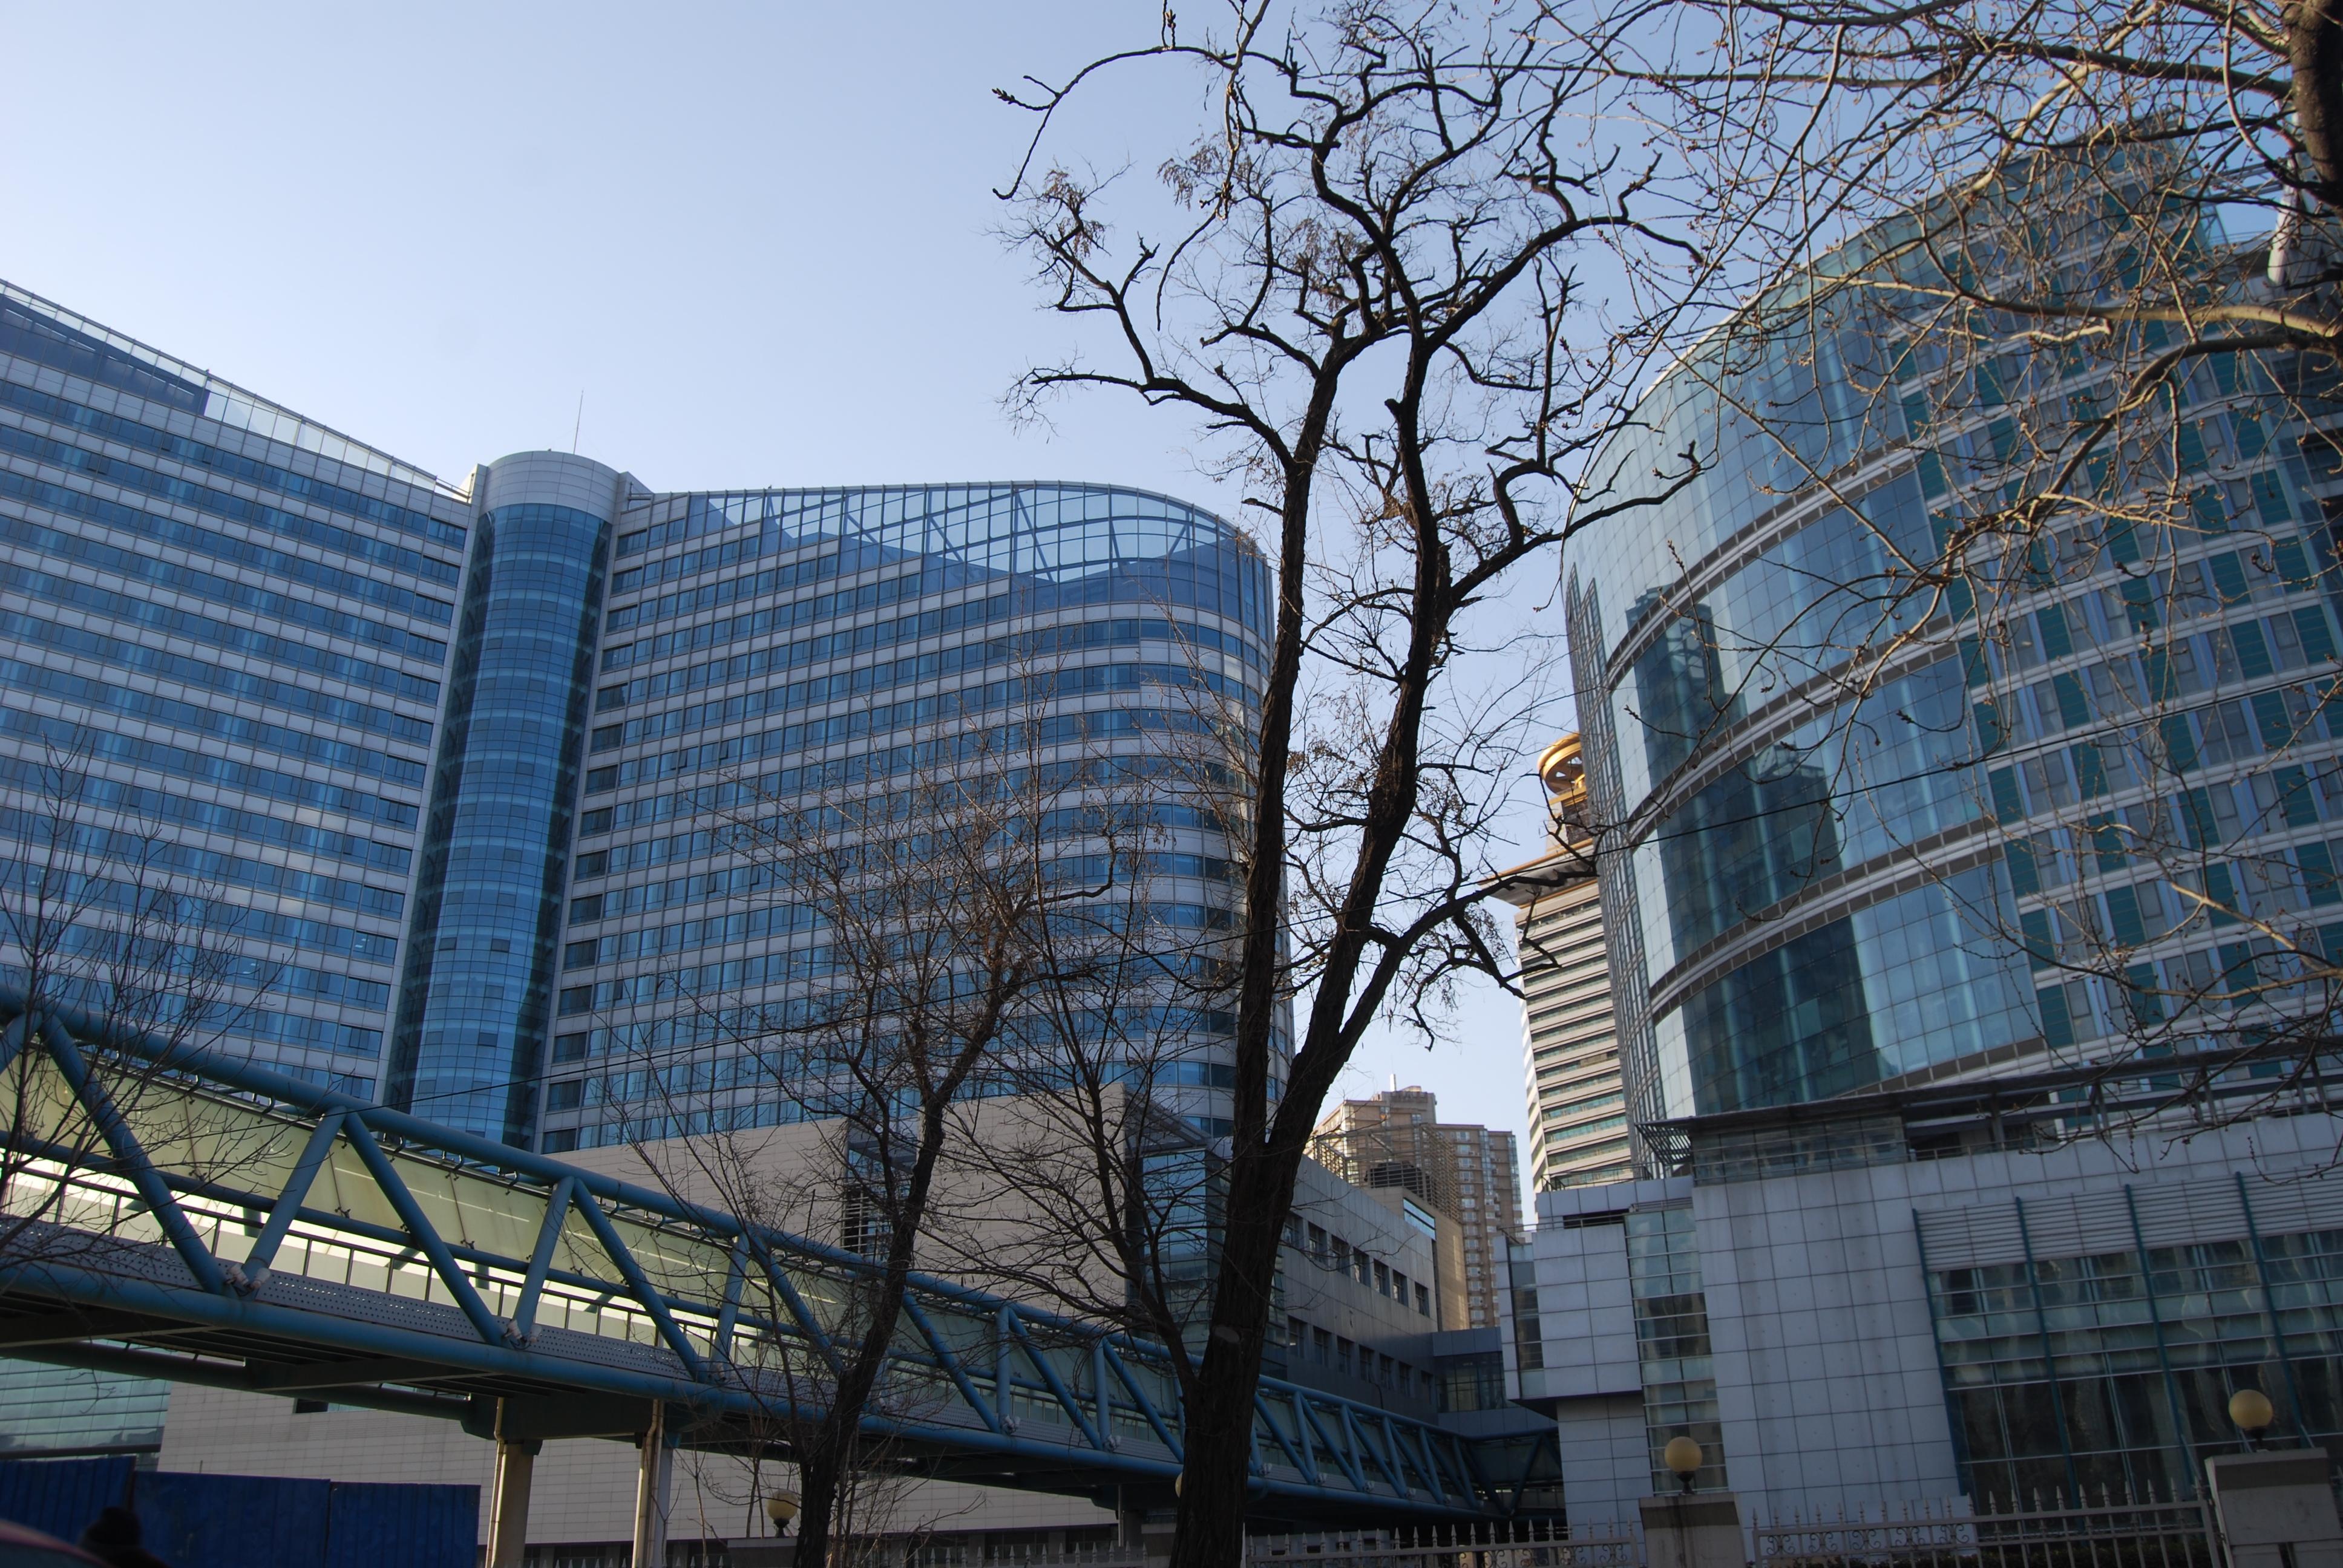 天津市和平区_天津医科大学总医院 - 维基百科,自由的百科全书